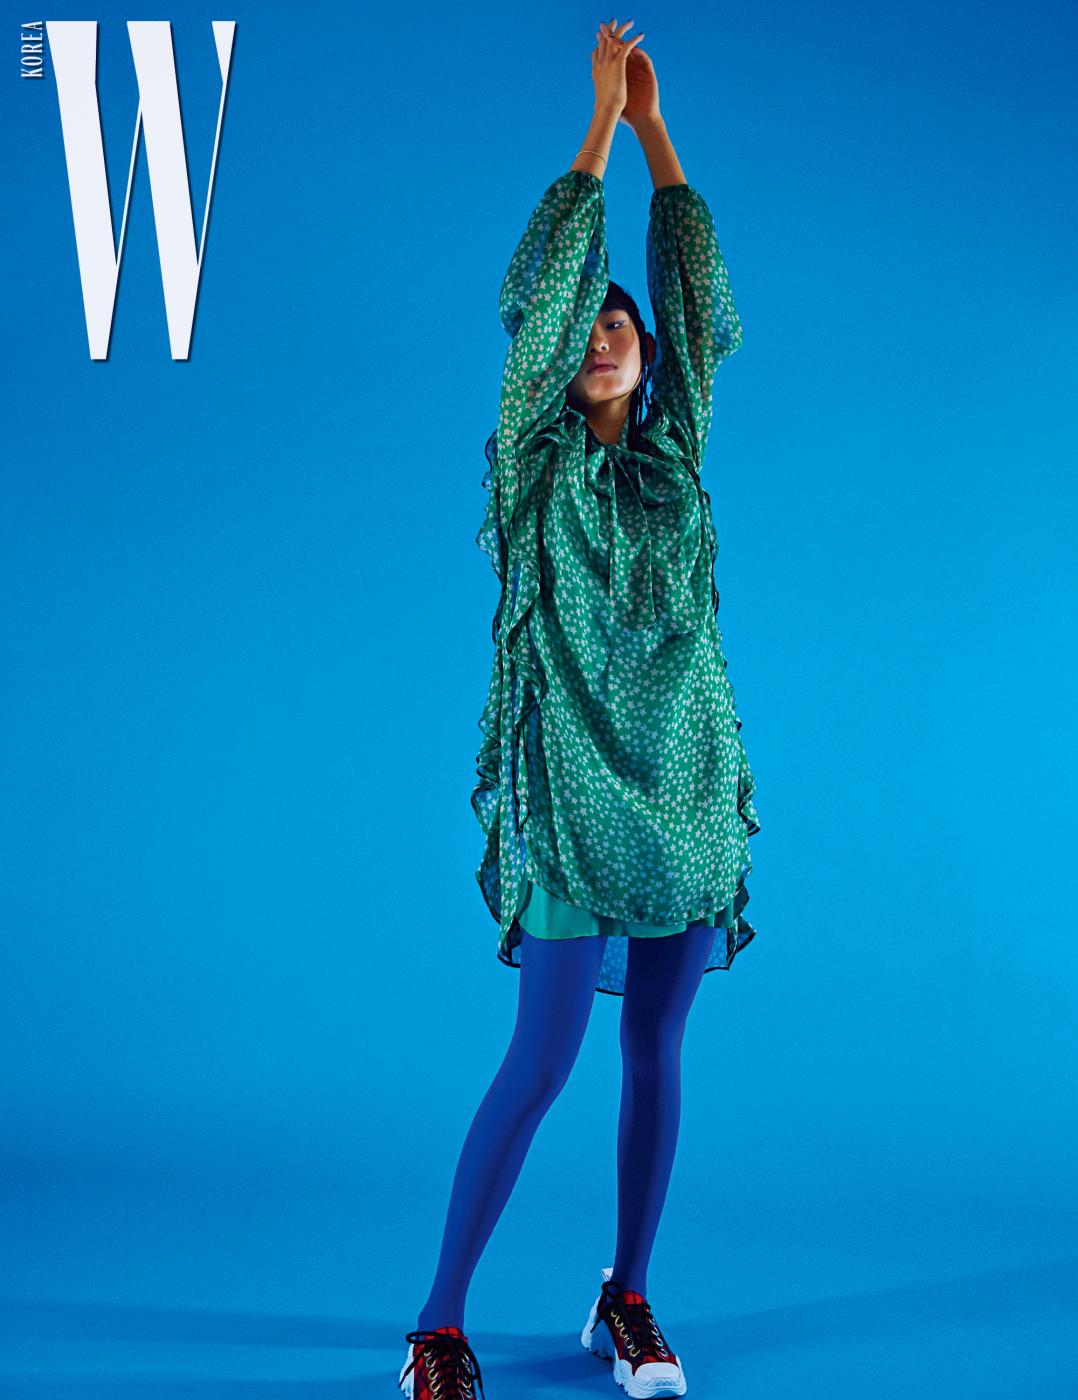 별무늬 드레스와 스니커즈는 N˚21 제품. 스타킹은 에디터 소장품.